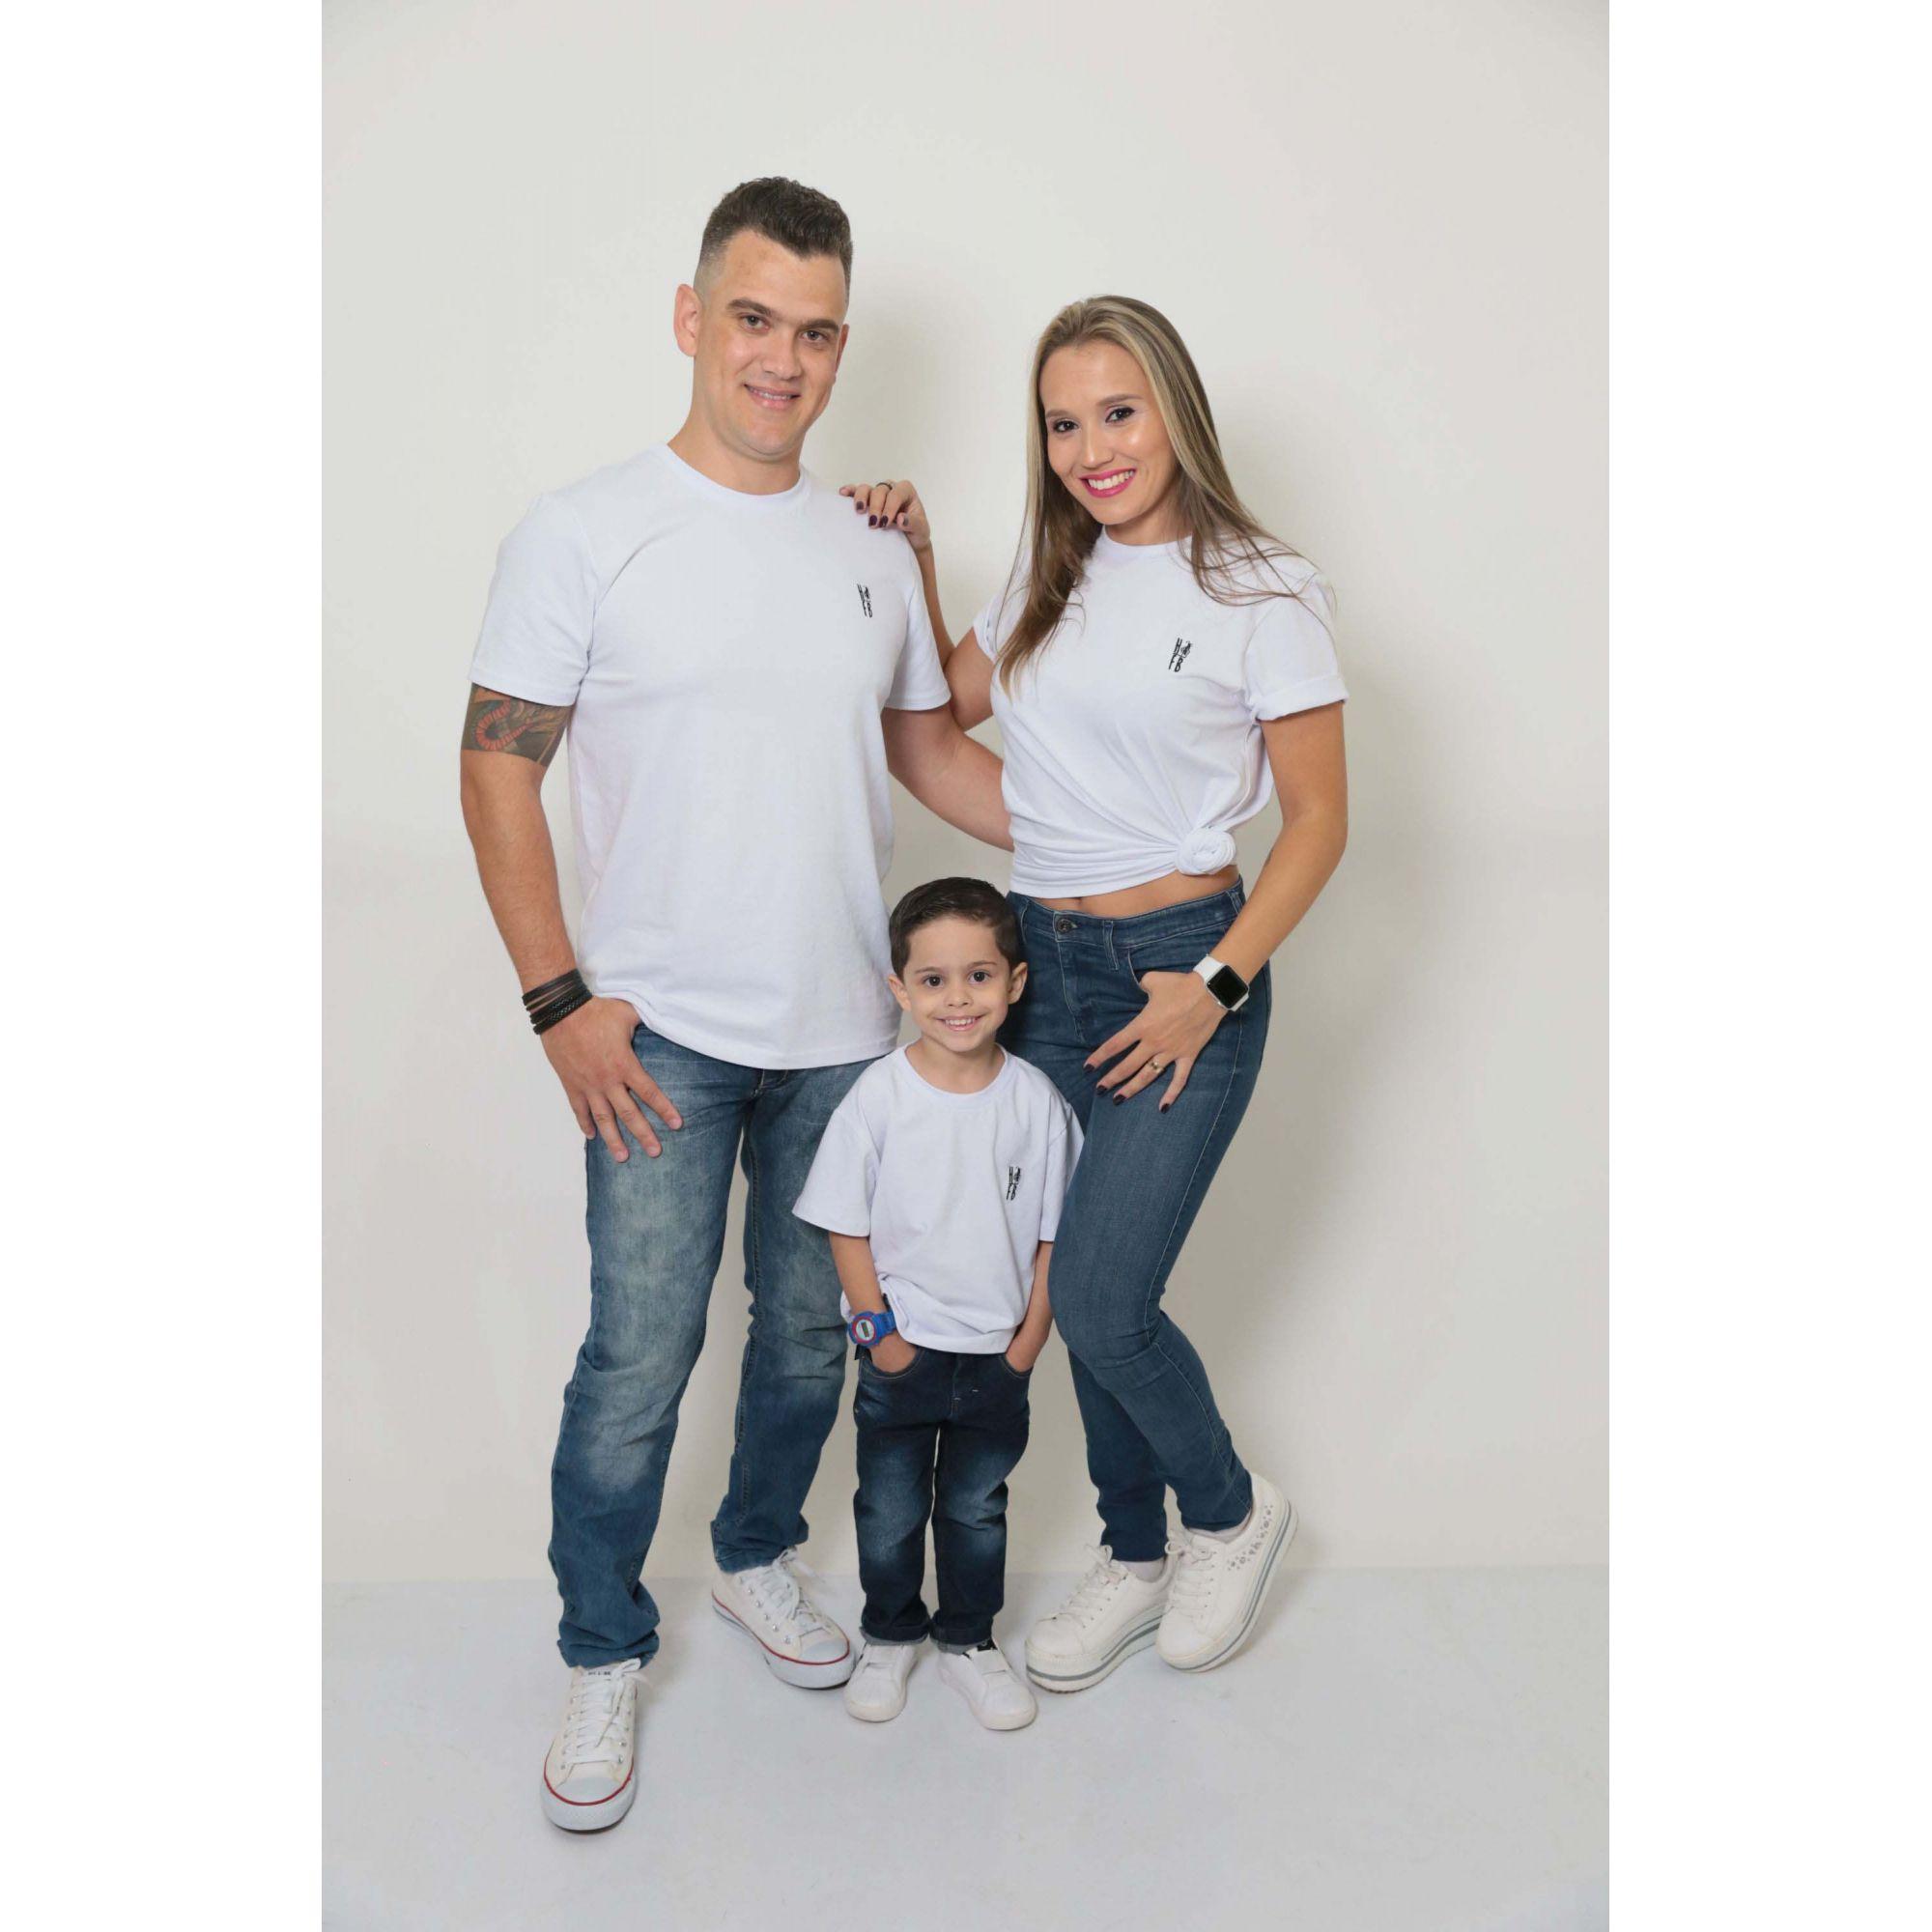 PAIS E FILHOS > Kit 3 Peças T-Shirt - Branca [Coleção Família]